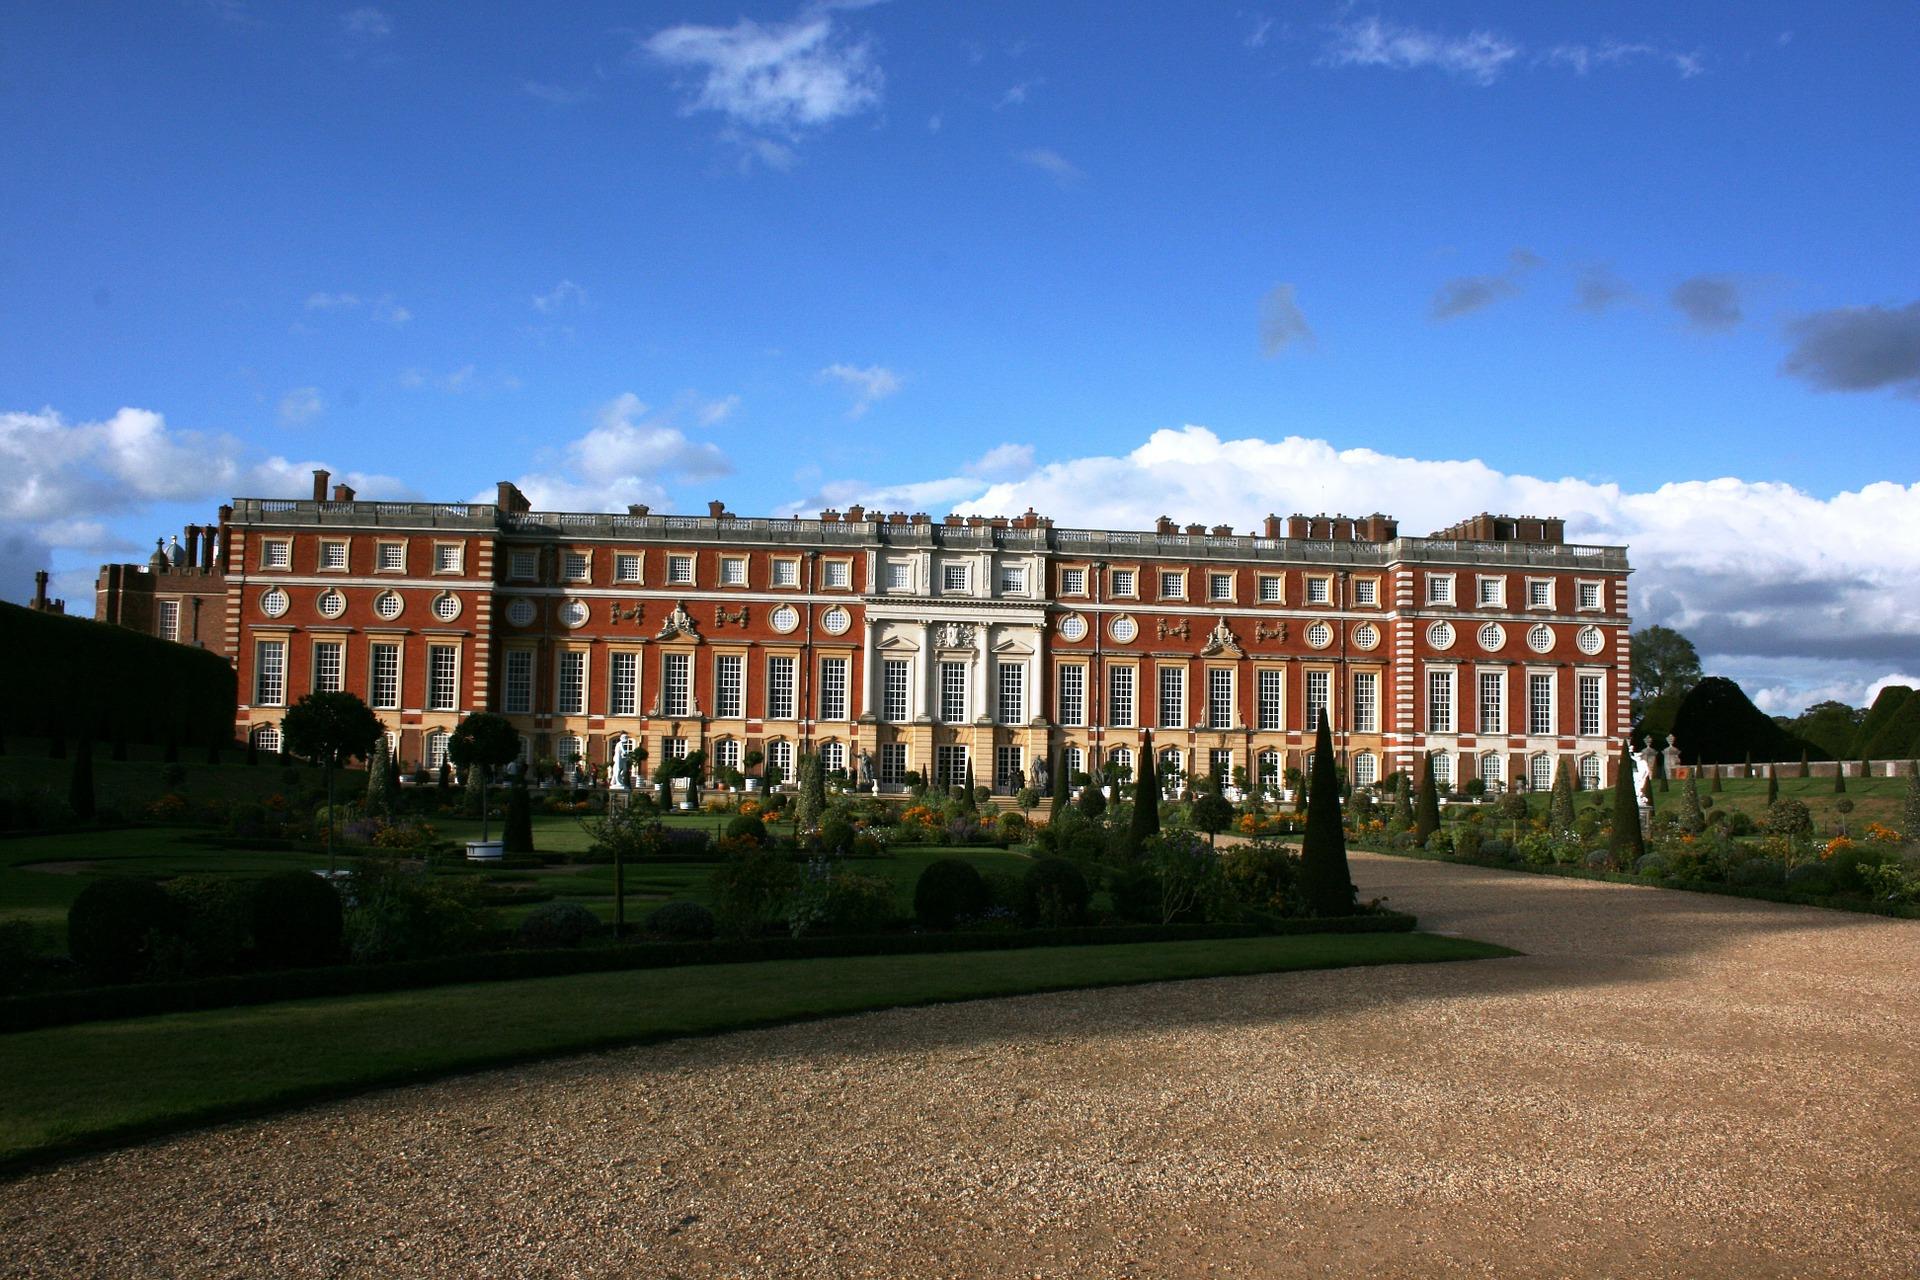 Royal Tour of London - Hampton Court Palace